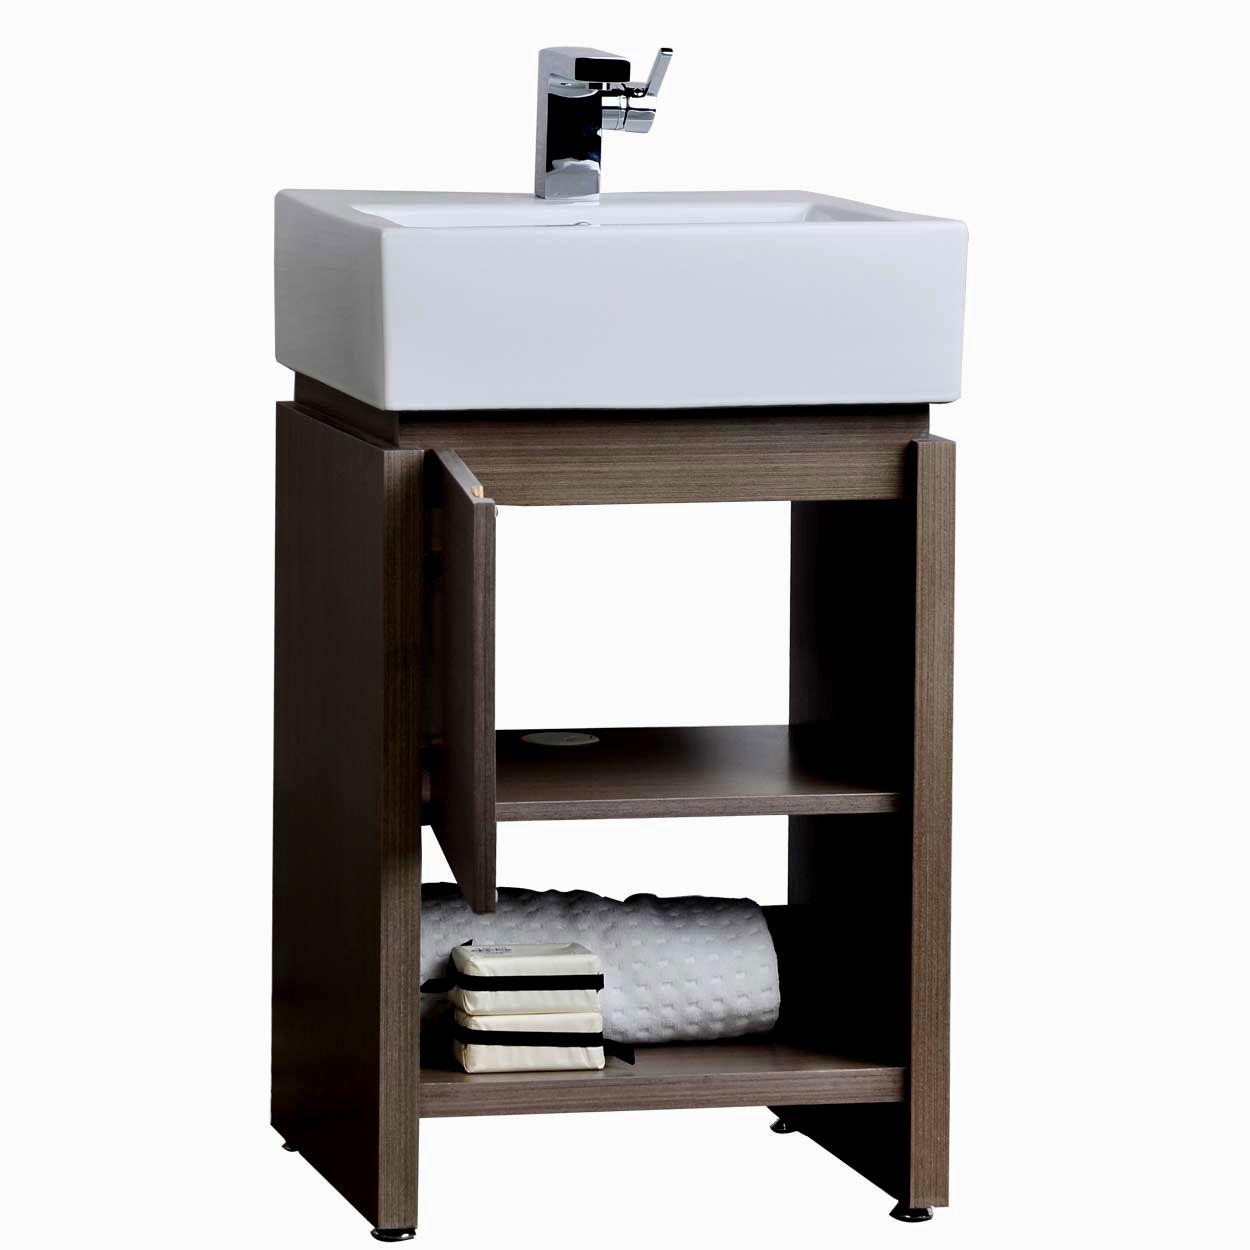 unique 36 inch bathroom vanity concept-Superb 36 Inch Bathroom Vanity Inspiration